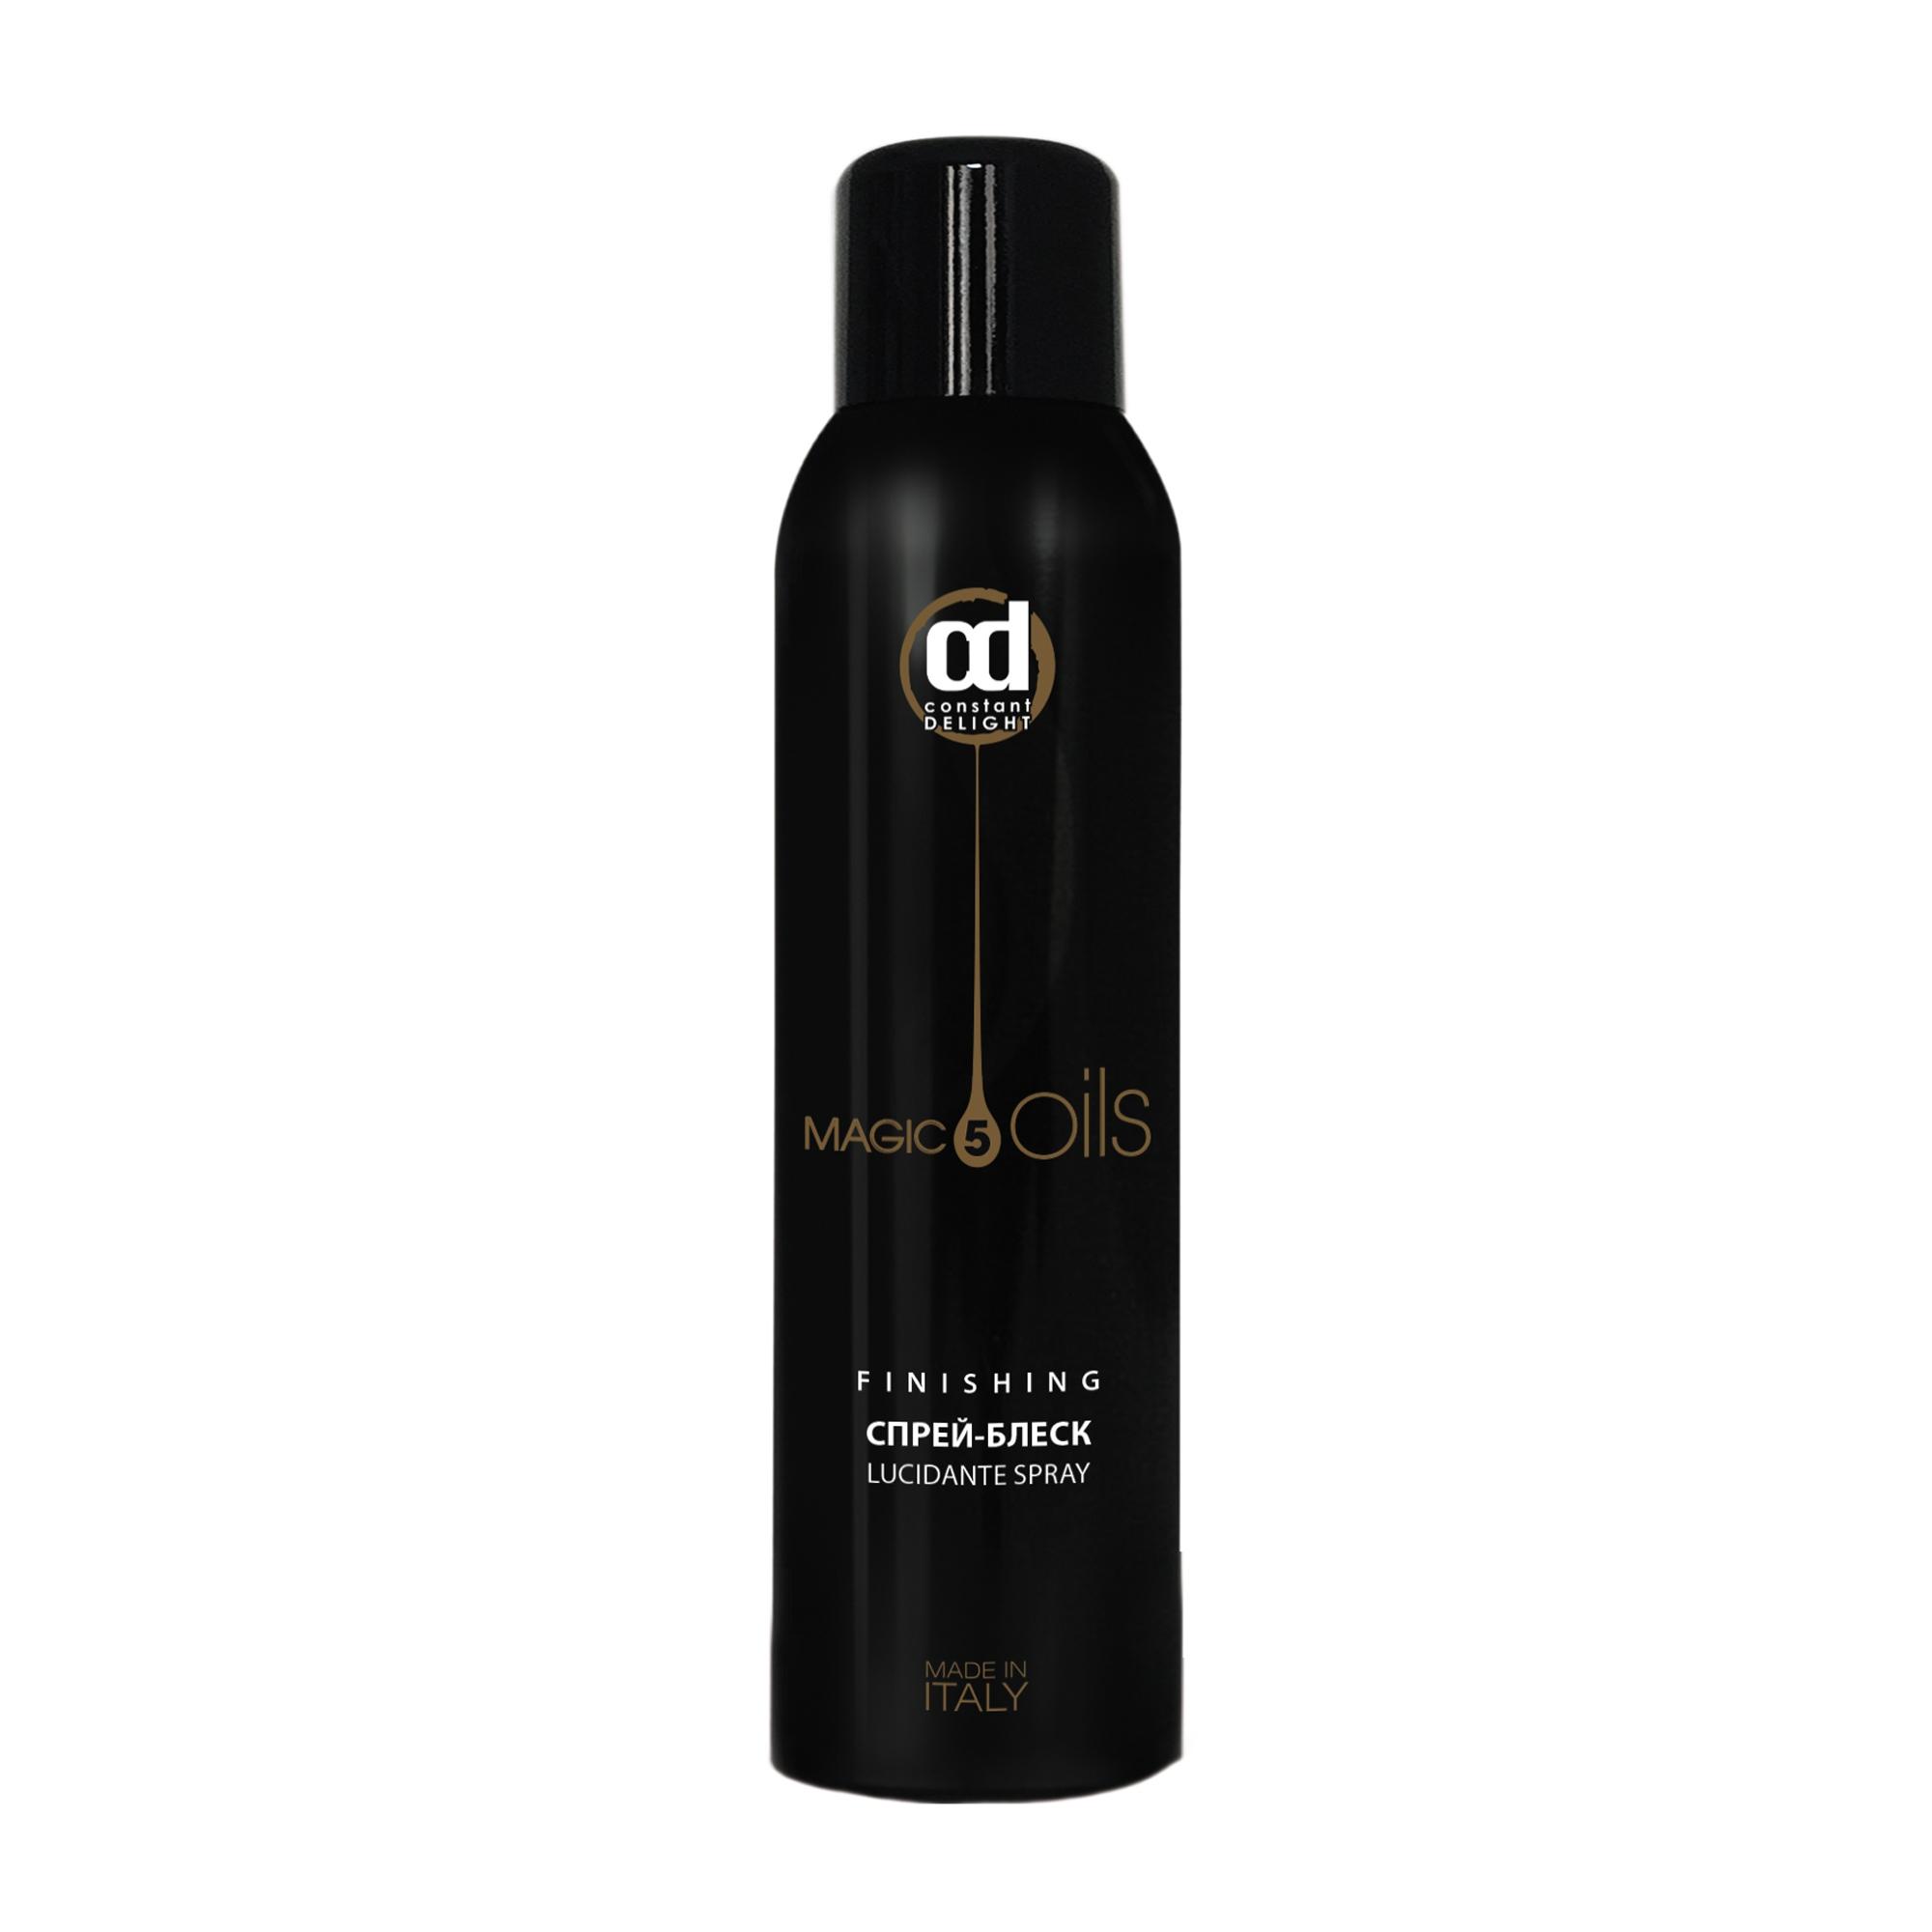 CONSTANT DELIGHT Спрей-блеск без газа / 5 Magic Oil 250 млСпреи<br>Финишный продукт, позволяющий виртуозно сделать завершающий штрих в создании образа. Его формула, состоящая из  5 Магических Масел : Макадамии, Хлопка, Жожоба, Авокадо, Арганы, питает волосы и возвращает им жизненную силу и энергию. Придаёт волосам мгновенный блеск и сияние, сохраняя при этом волосы лёгкими и защищёнными. Активные ингредиенты: масла Макадами, Хлопка, Жожоба, Авокадо и Арганы. Способ применения: распылить с расстояния 30 см после использования лака для волос.<br><br>Тип: Спрей-блеск<br>Типы волос: Для всех типов